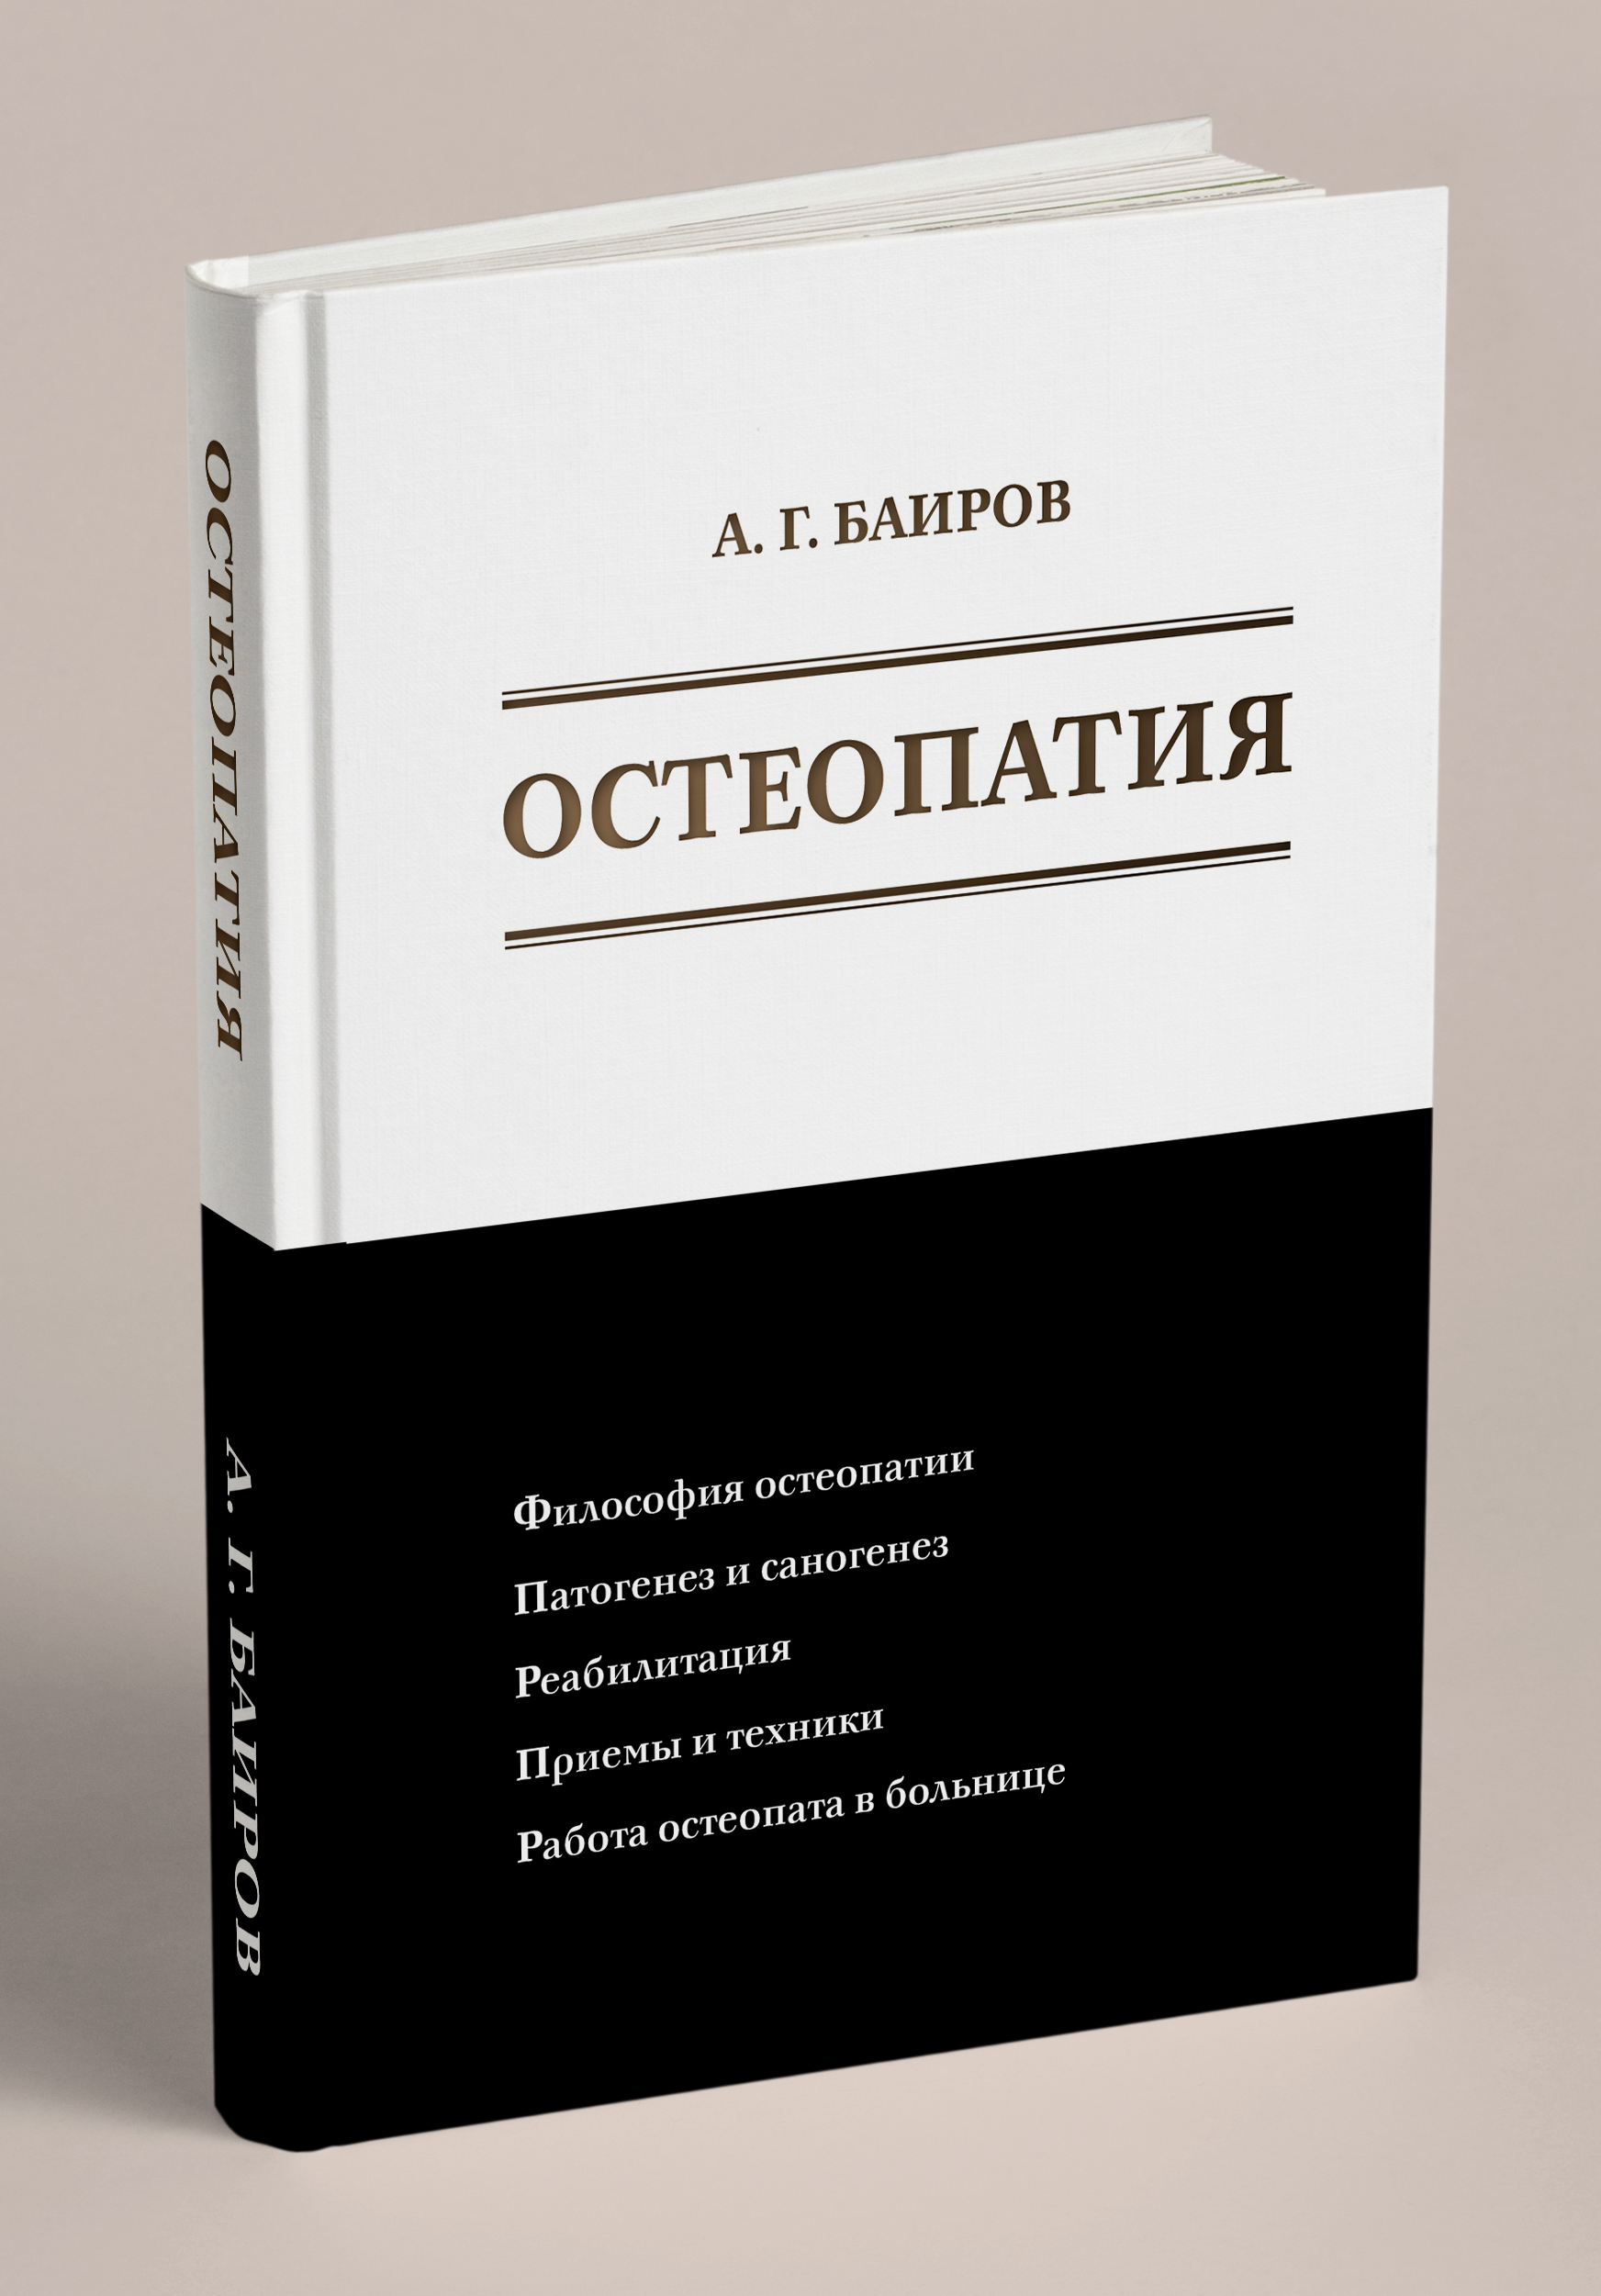 ОСТЕОПАТИЯ | Баиров. А. Г.